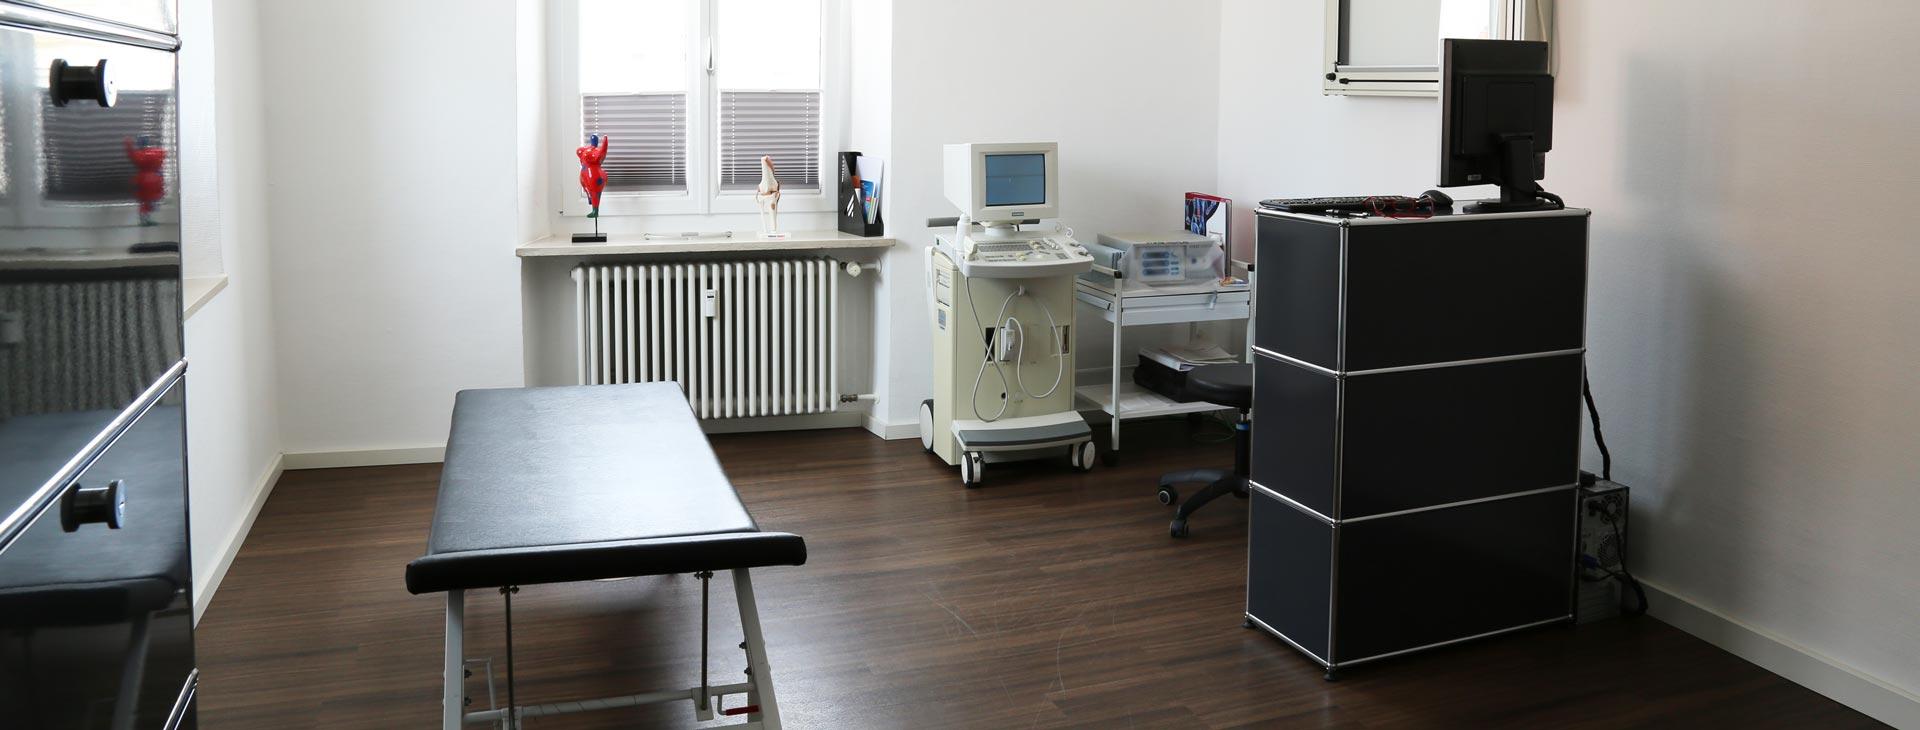 Behandlungszimmer der Orthopädie-Praxis in Straubing